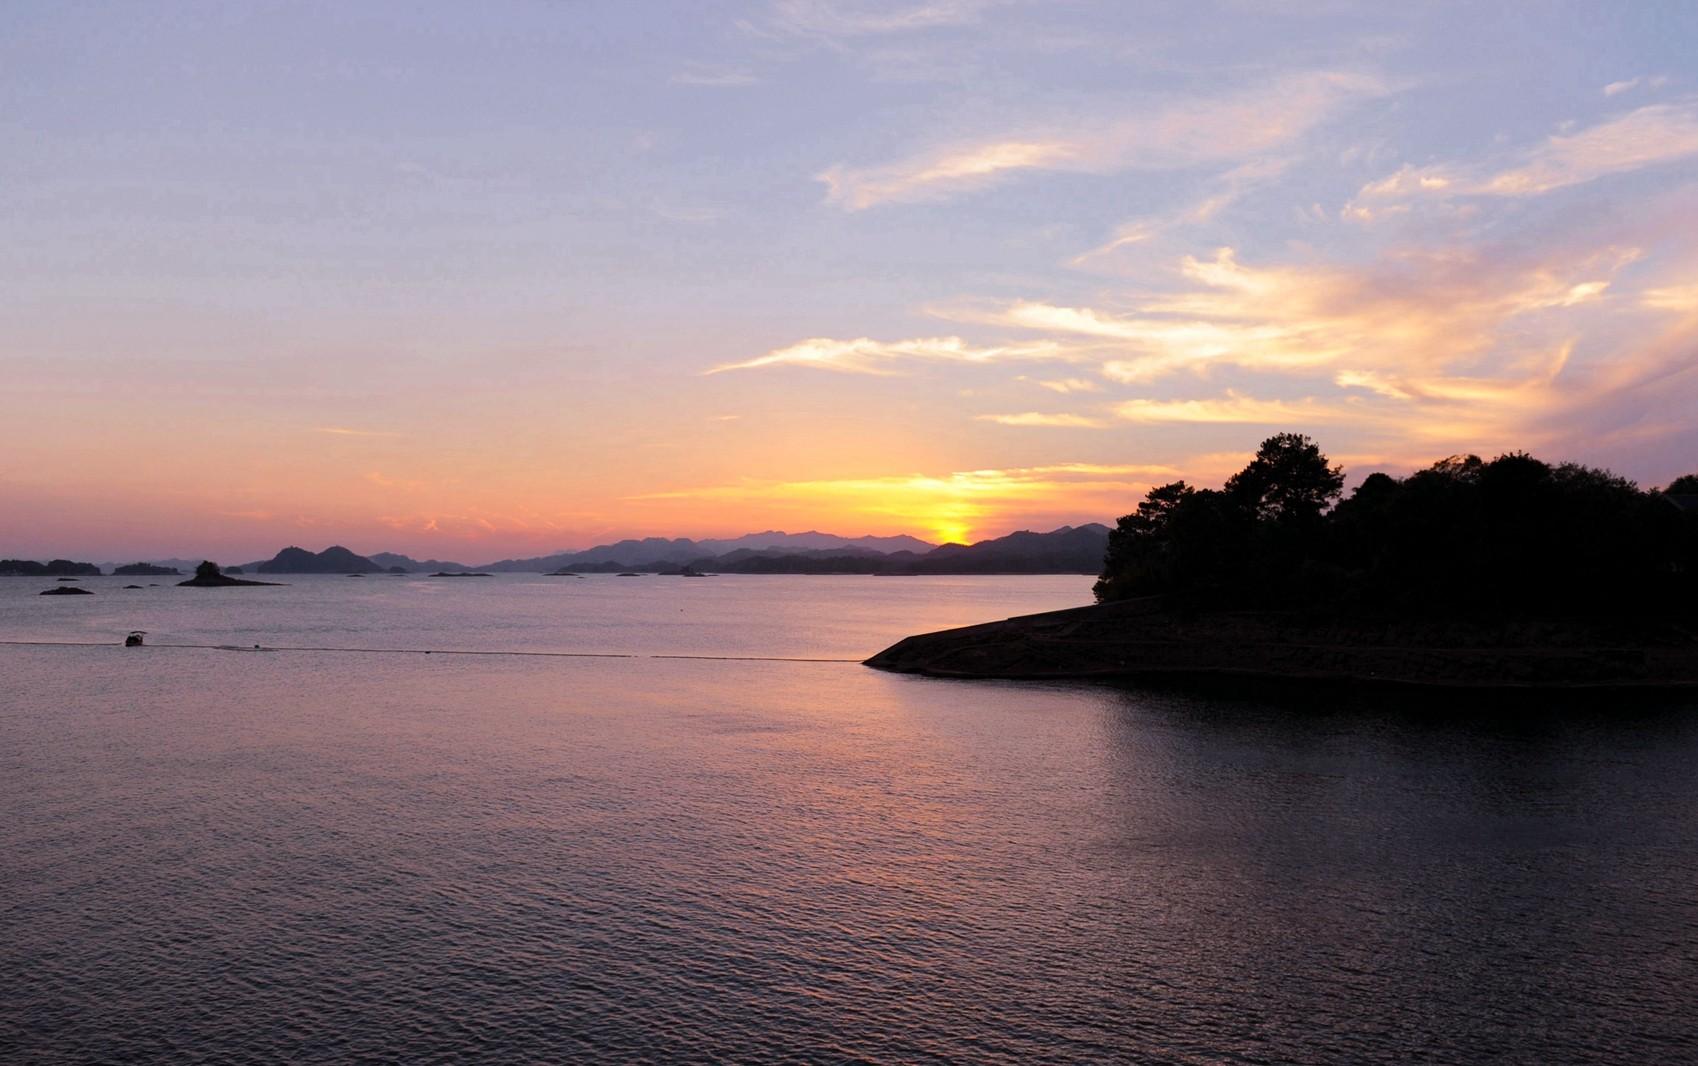 旅游 旅游图片种类: 风景            2013年10月3日 备注: 千岛湖(2